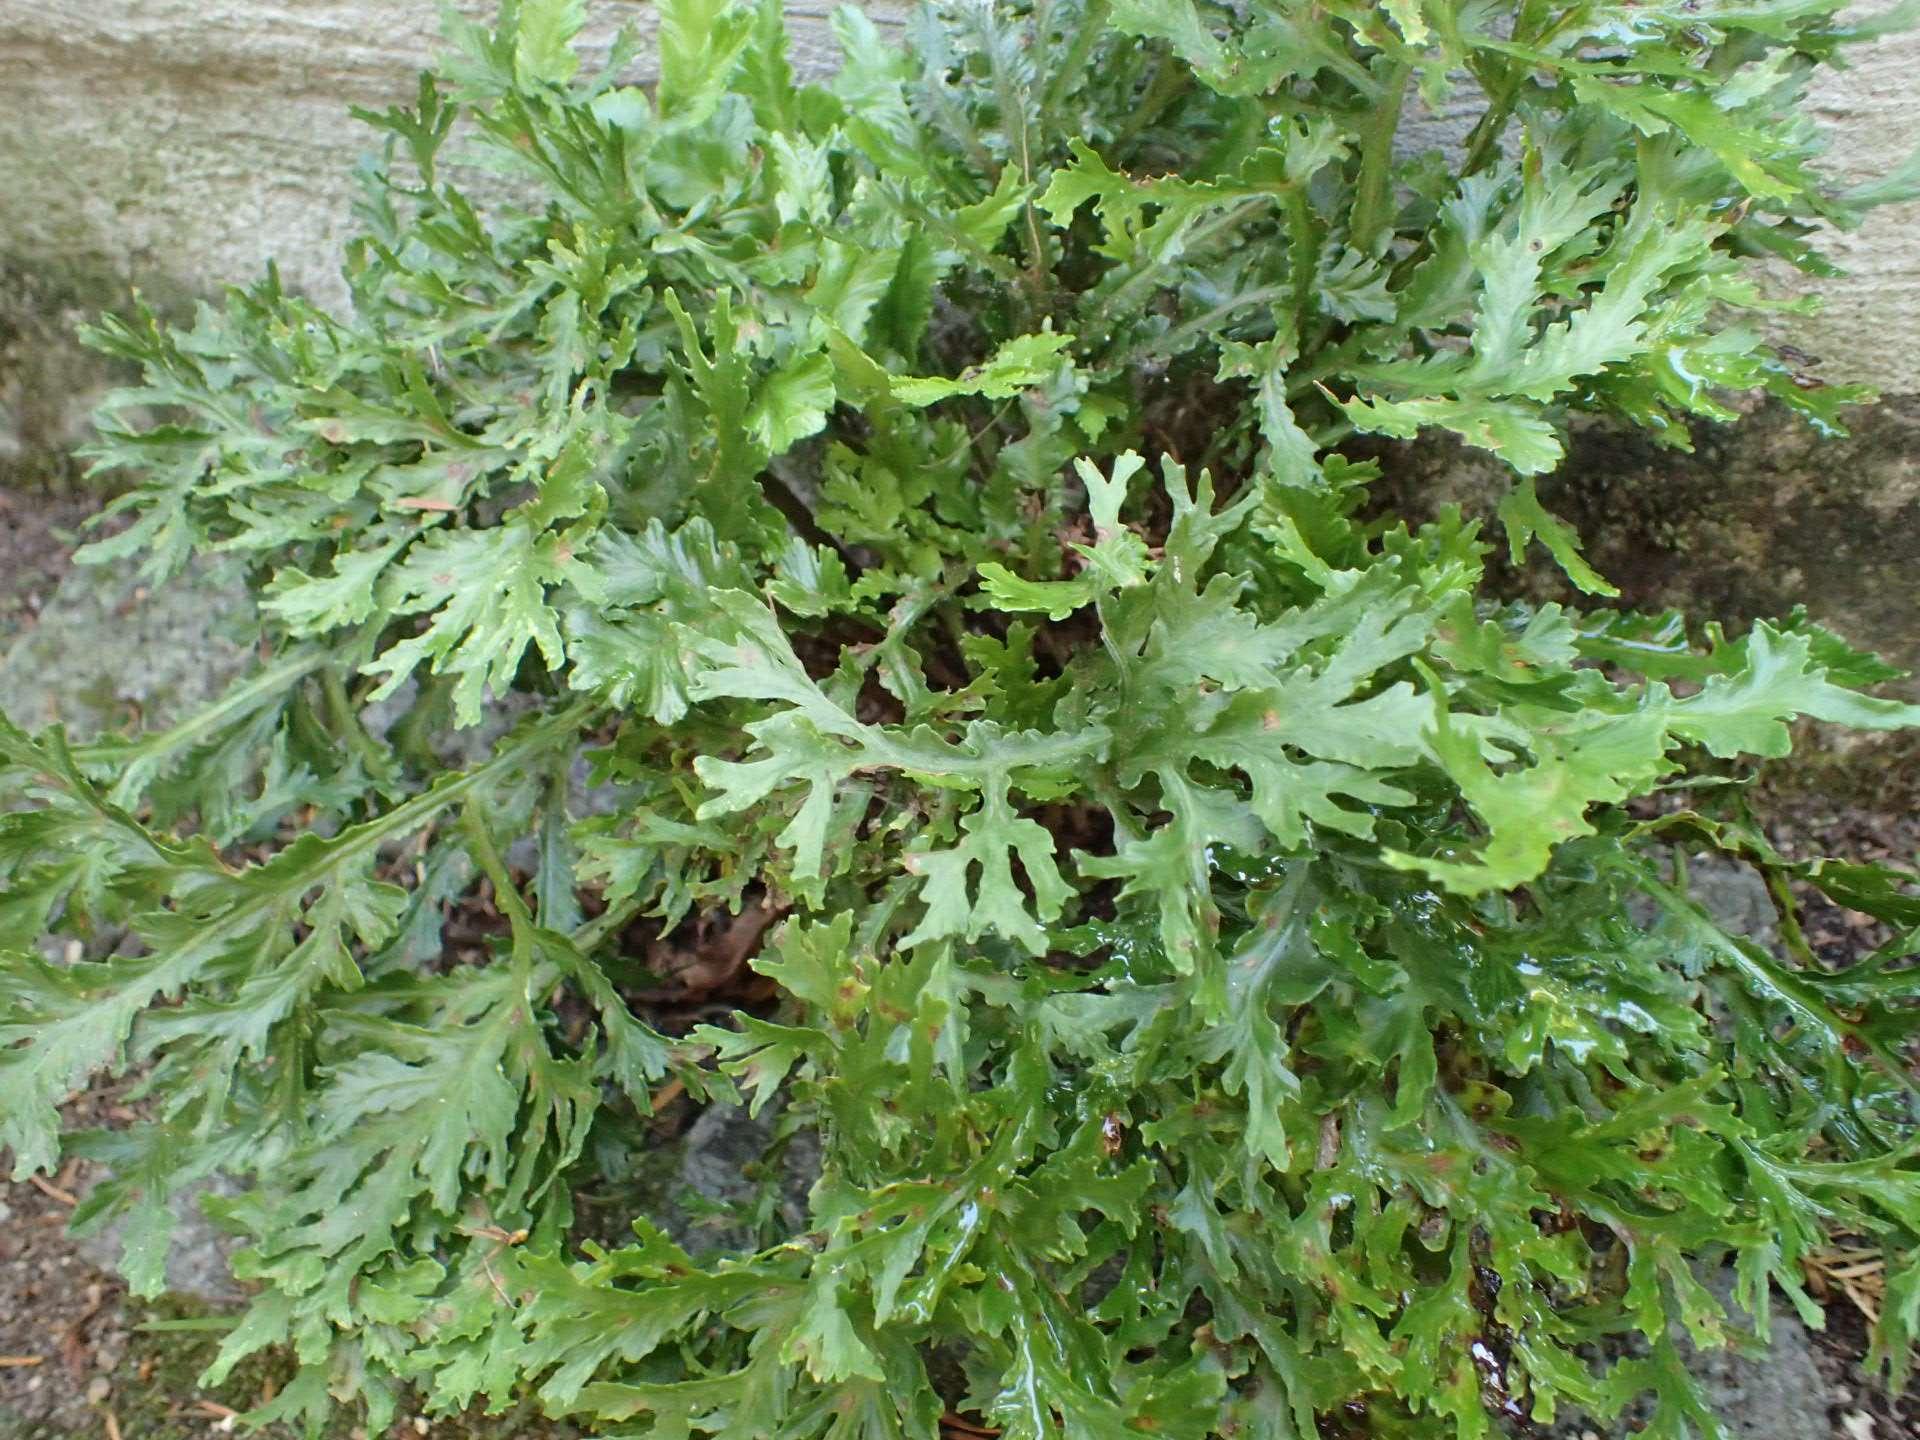 Asplenium scolopendrium 'ramo-marginatum'